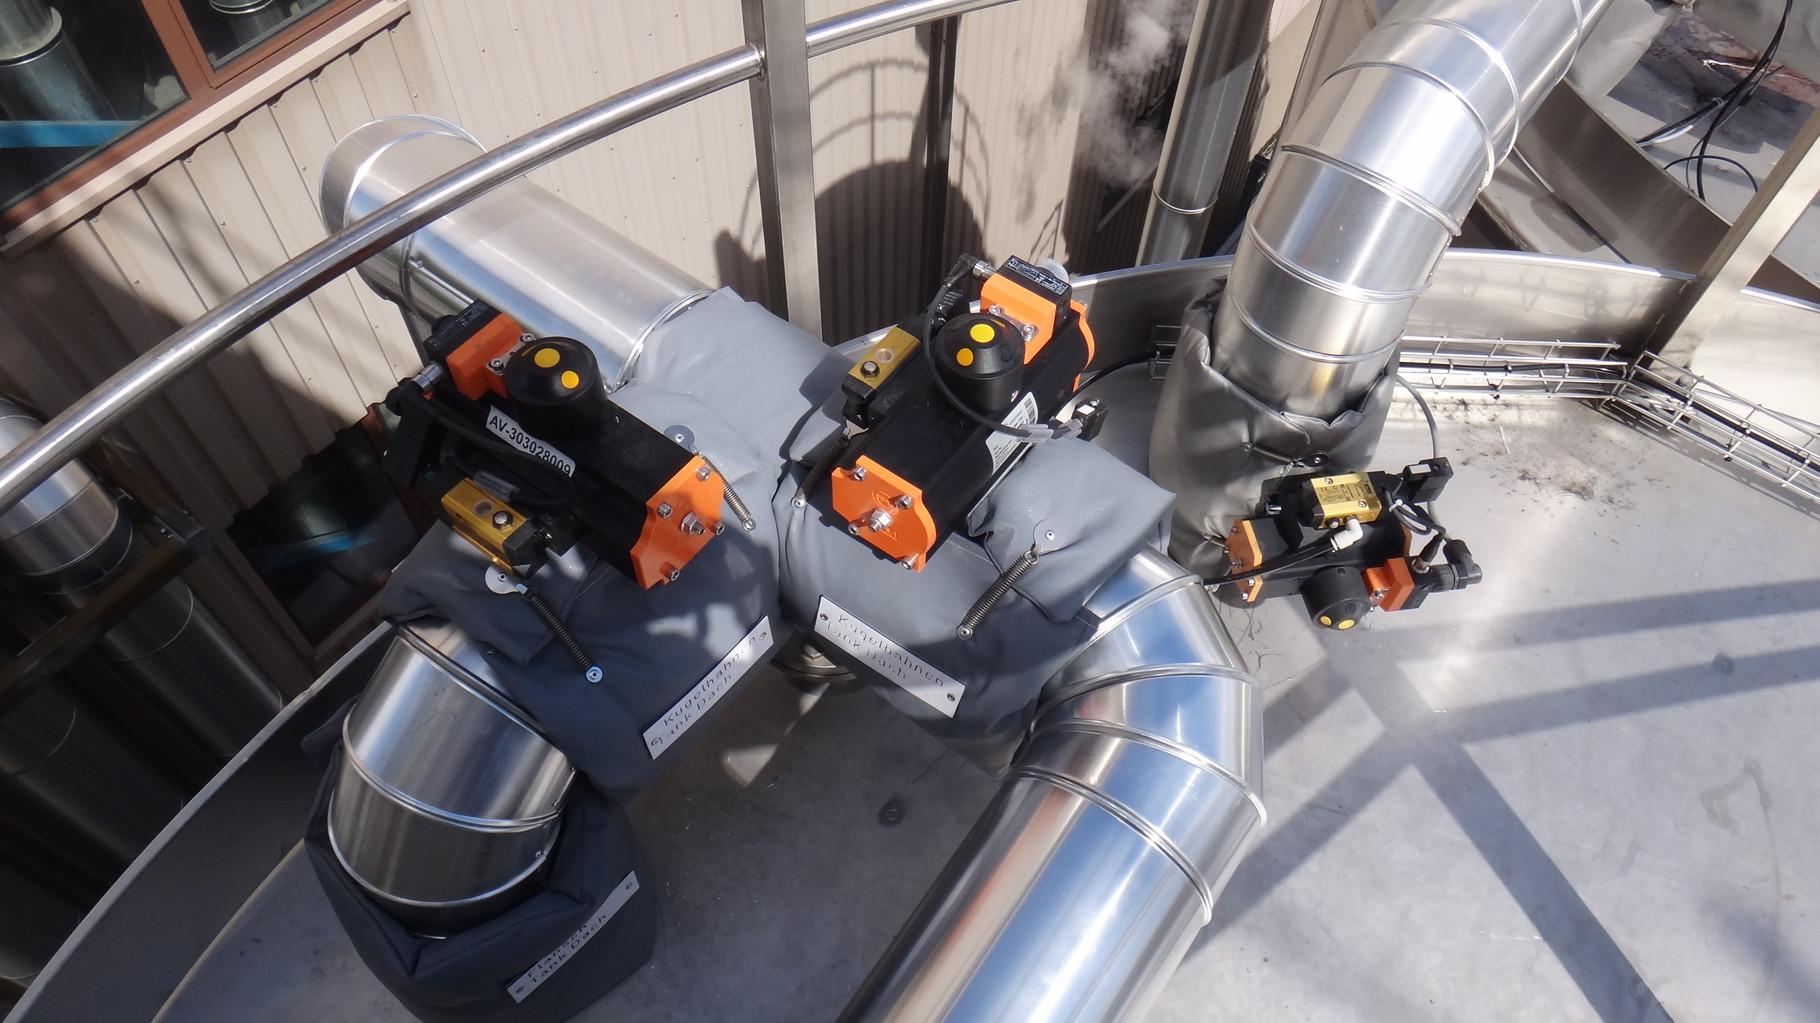 Armaturenkissen-Dämmung an der Tankbefüllung oben